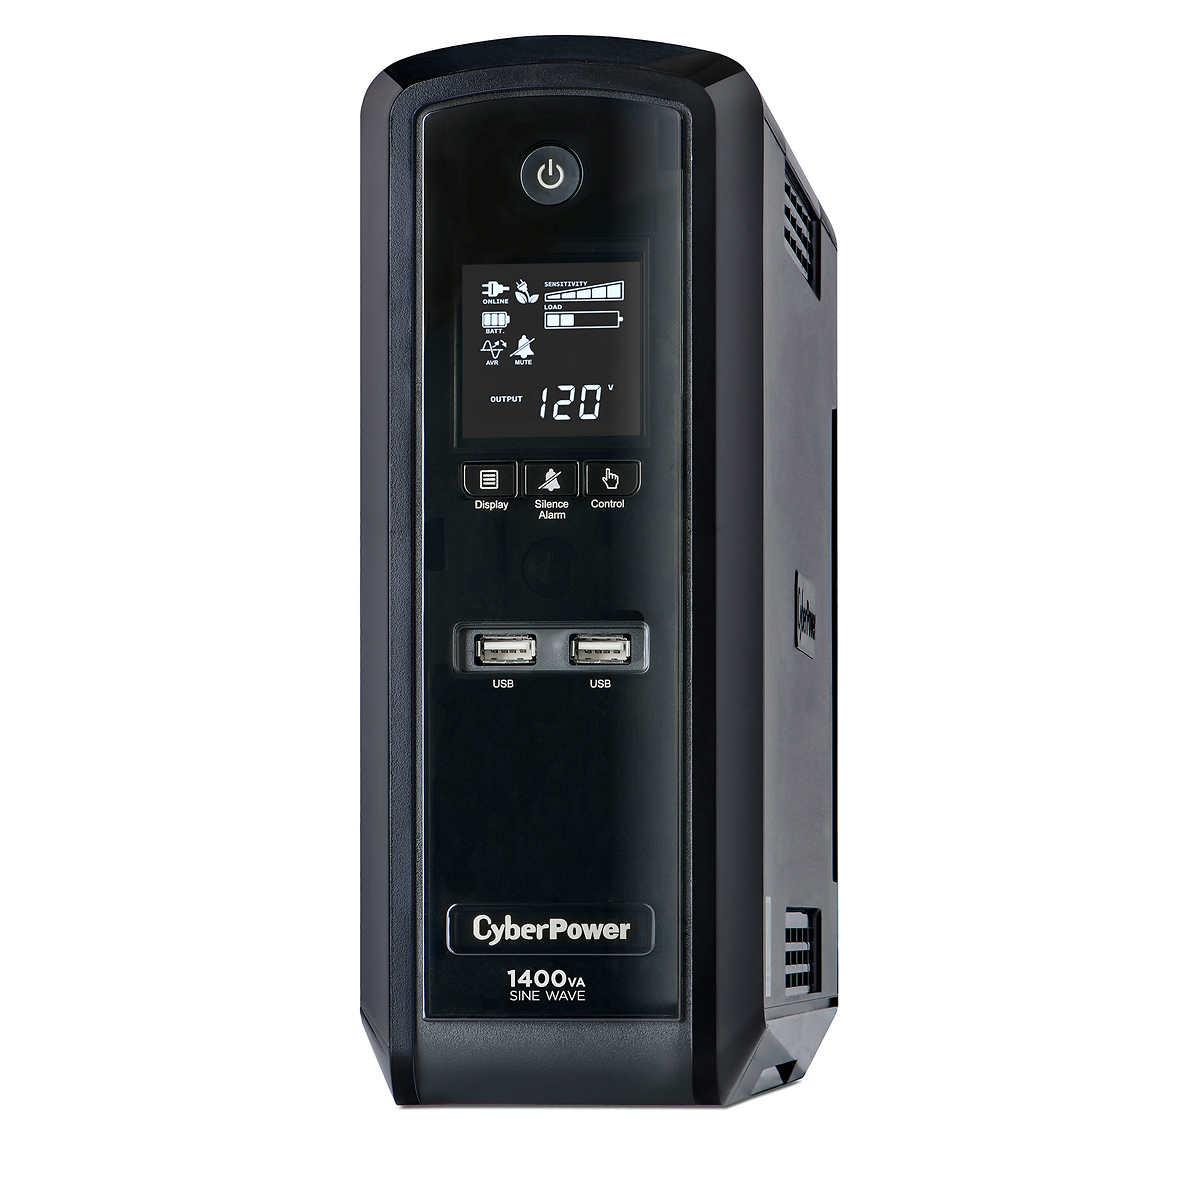 CyberPower 1400VA / 900Watts True Sine Wave Uninterruptible Power Supply  (UPS)